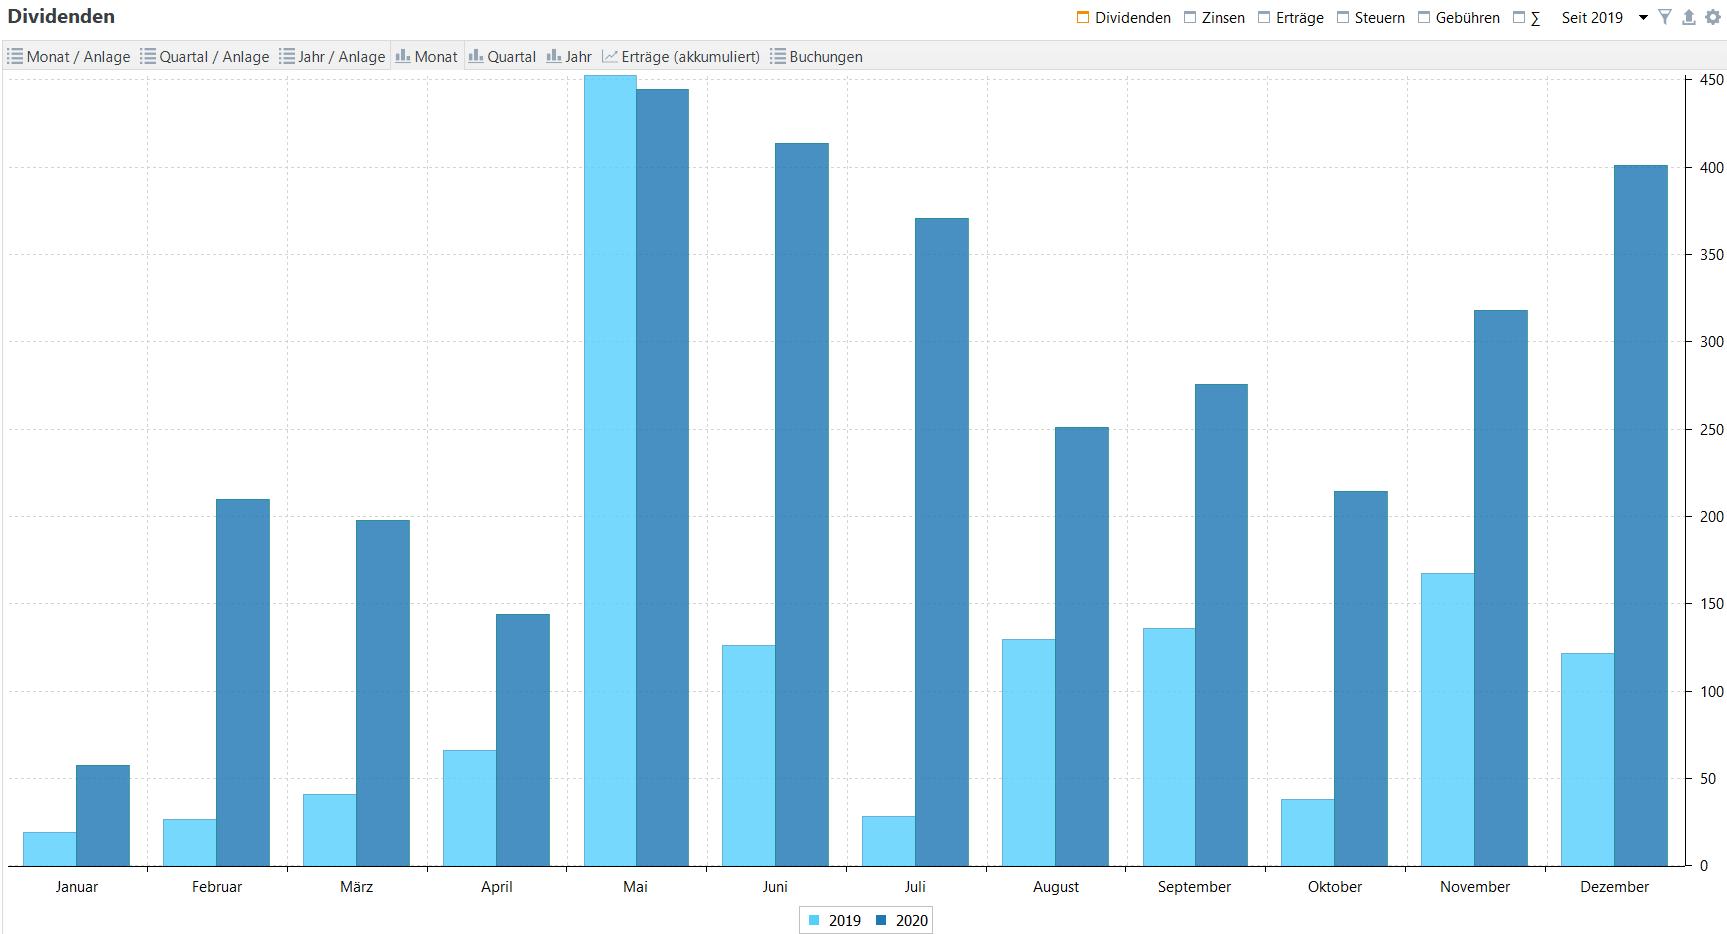 Passives Einkommen aus Dividenden im Jahresvergleich (Stand: 31.12.2020)